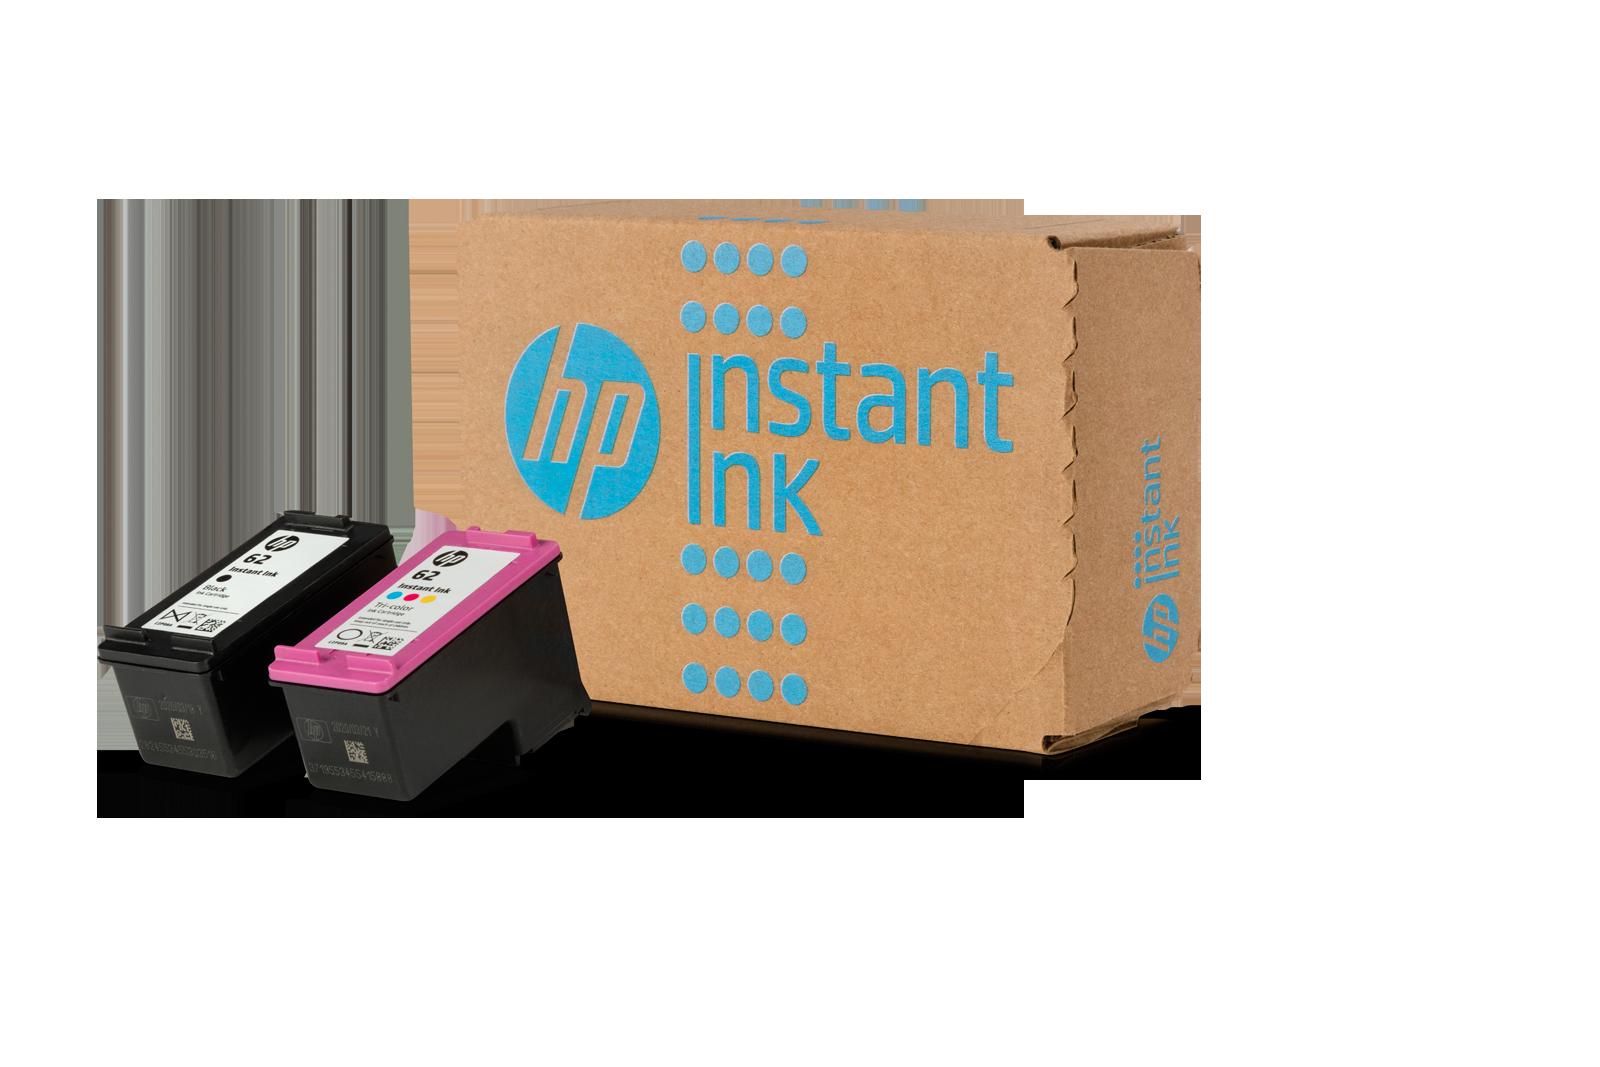 Hp Instant Ink Servicios De Impresión Con Planes Mensuales De Tinta Y Tóner Sitio Oficial De Hp